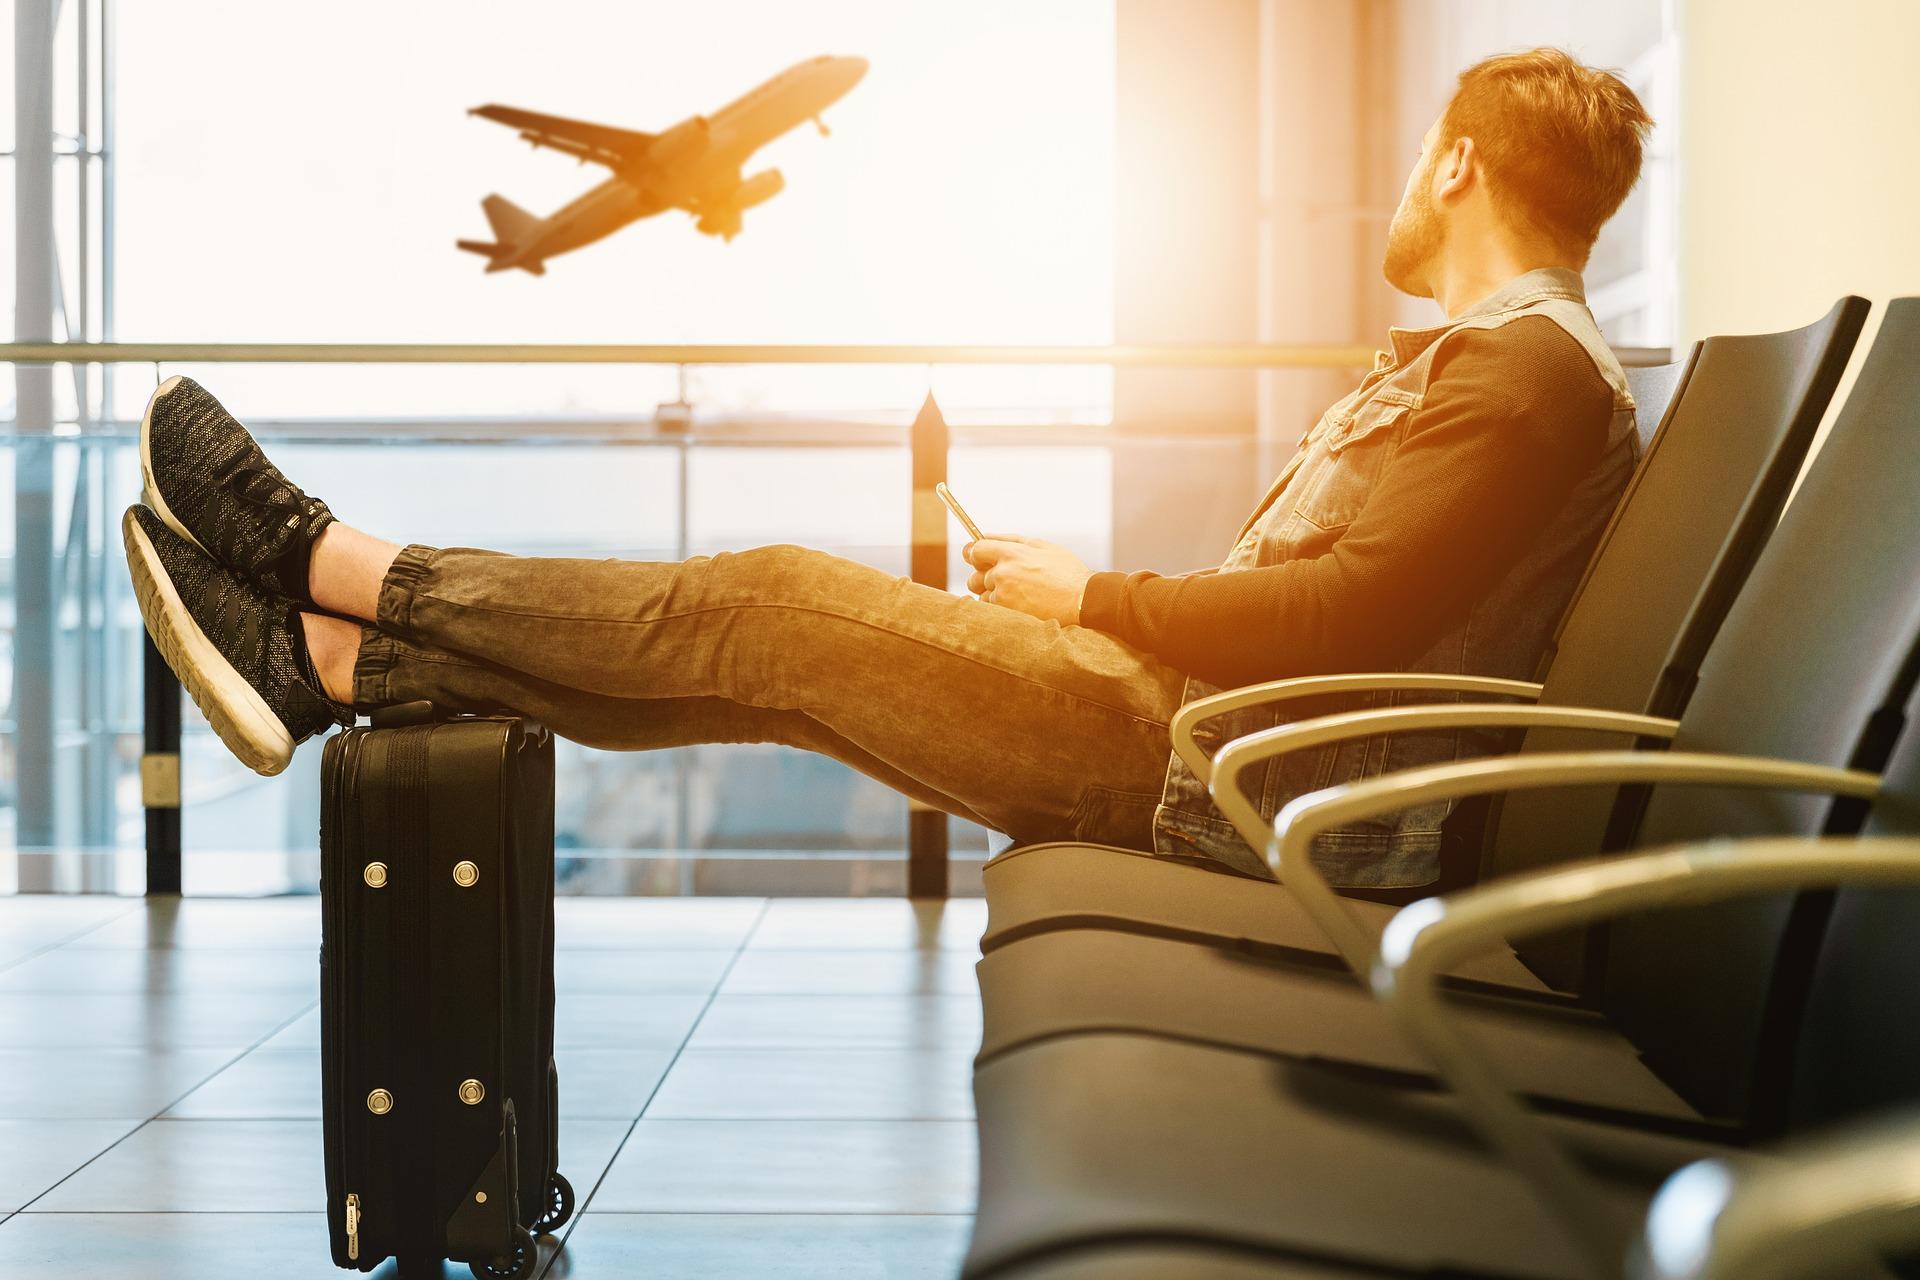 Obtain an E-2 Visa